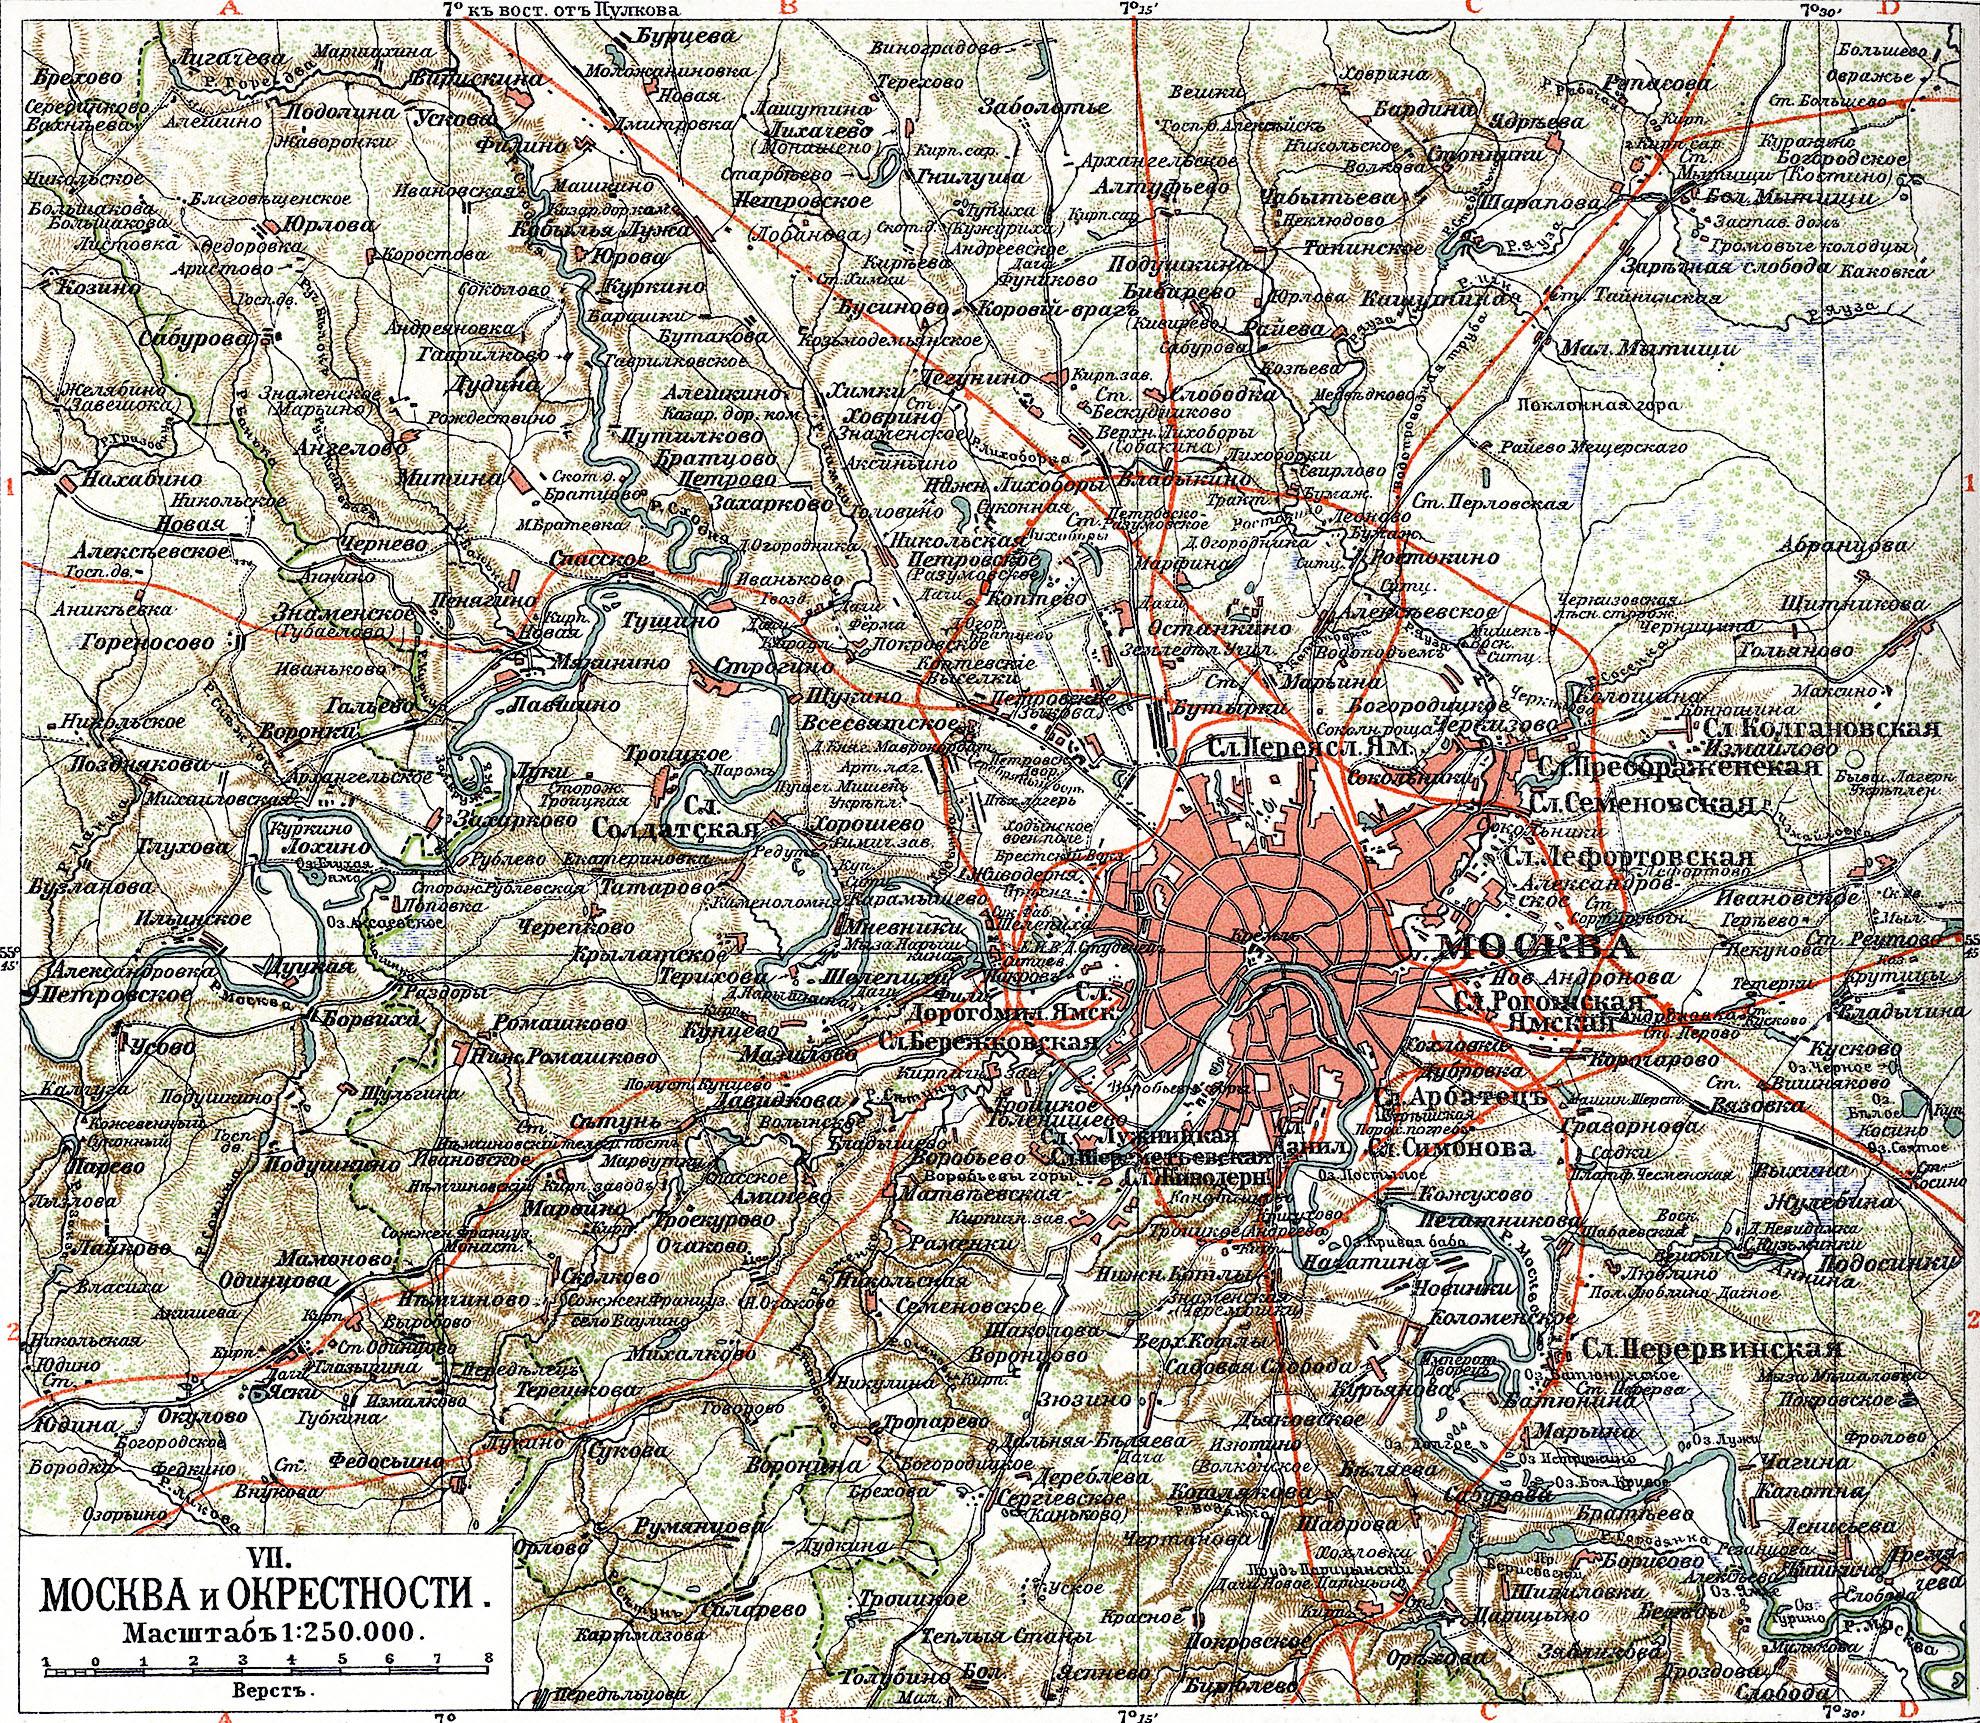 что старые карты москвы и подмосковья Одинцово